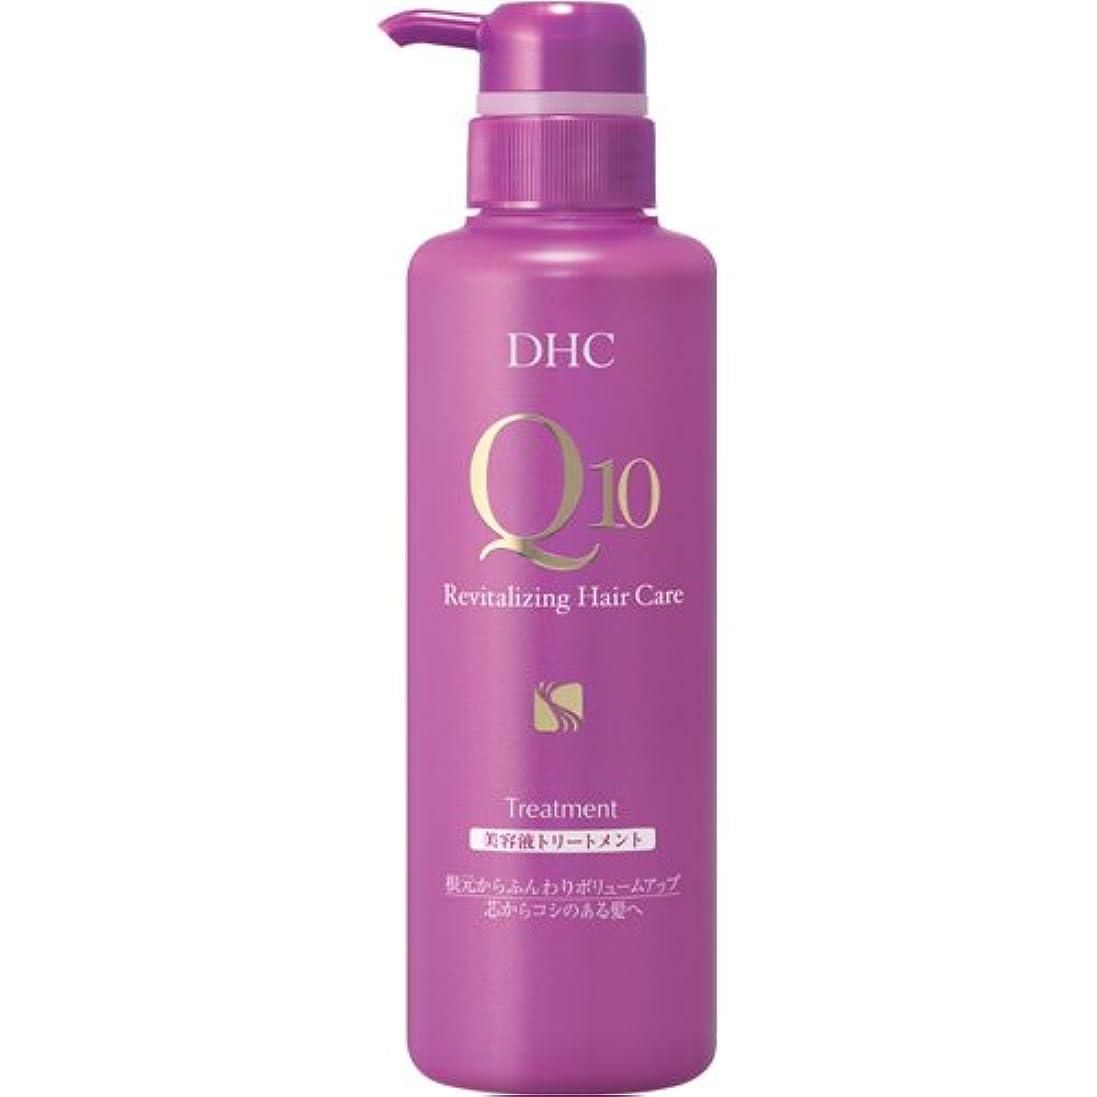 DHC Q10美容液 トリートメント (SS)  330ml